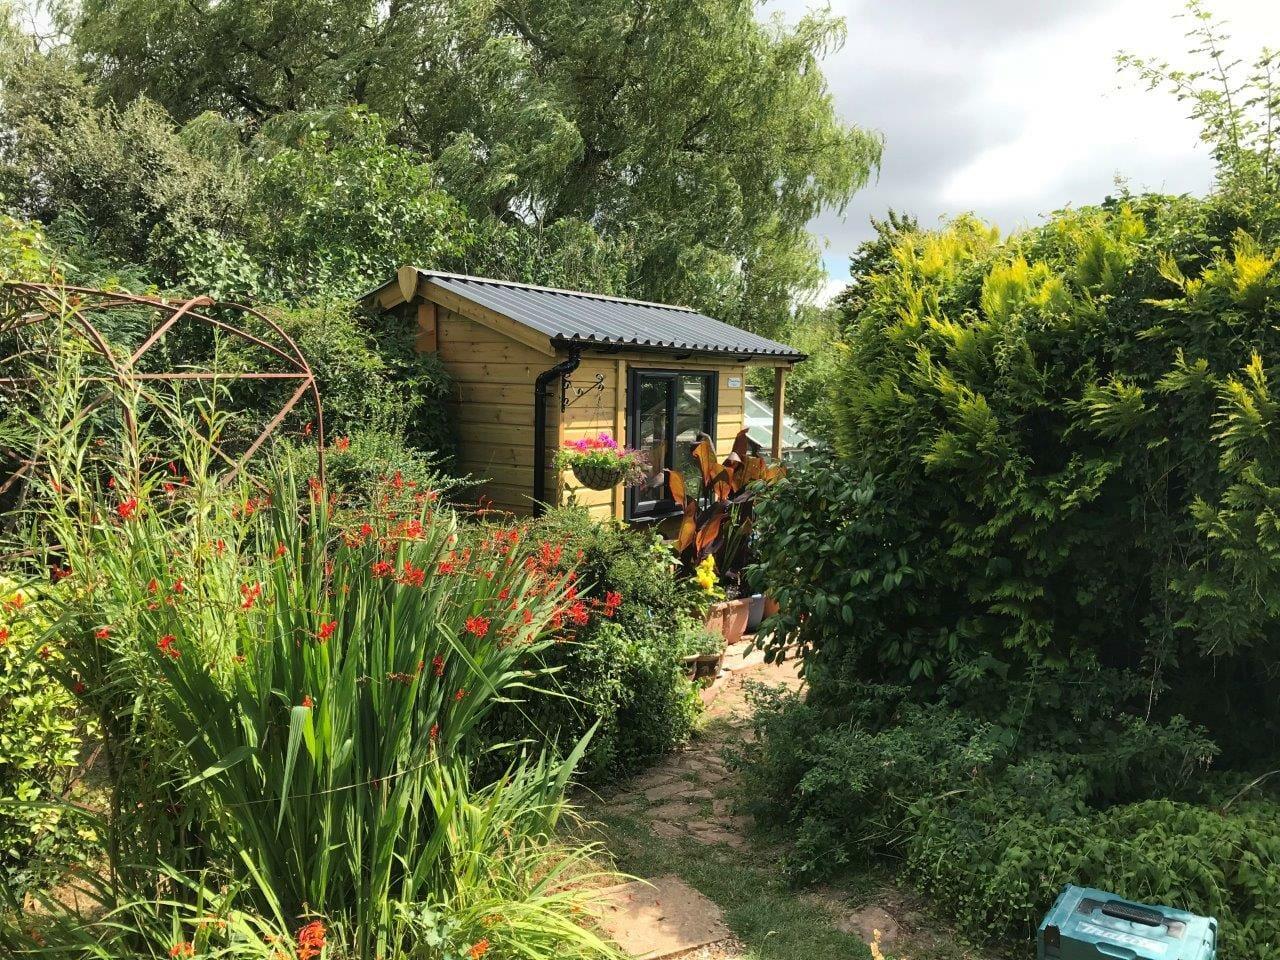 Studio in pretty garden setting